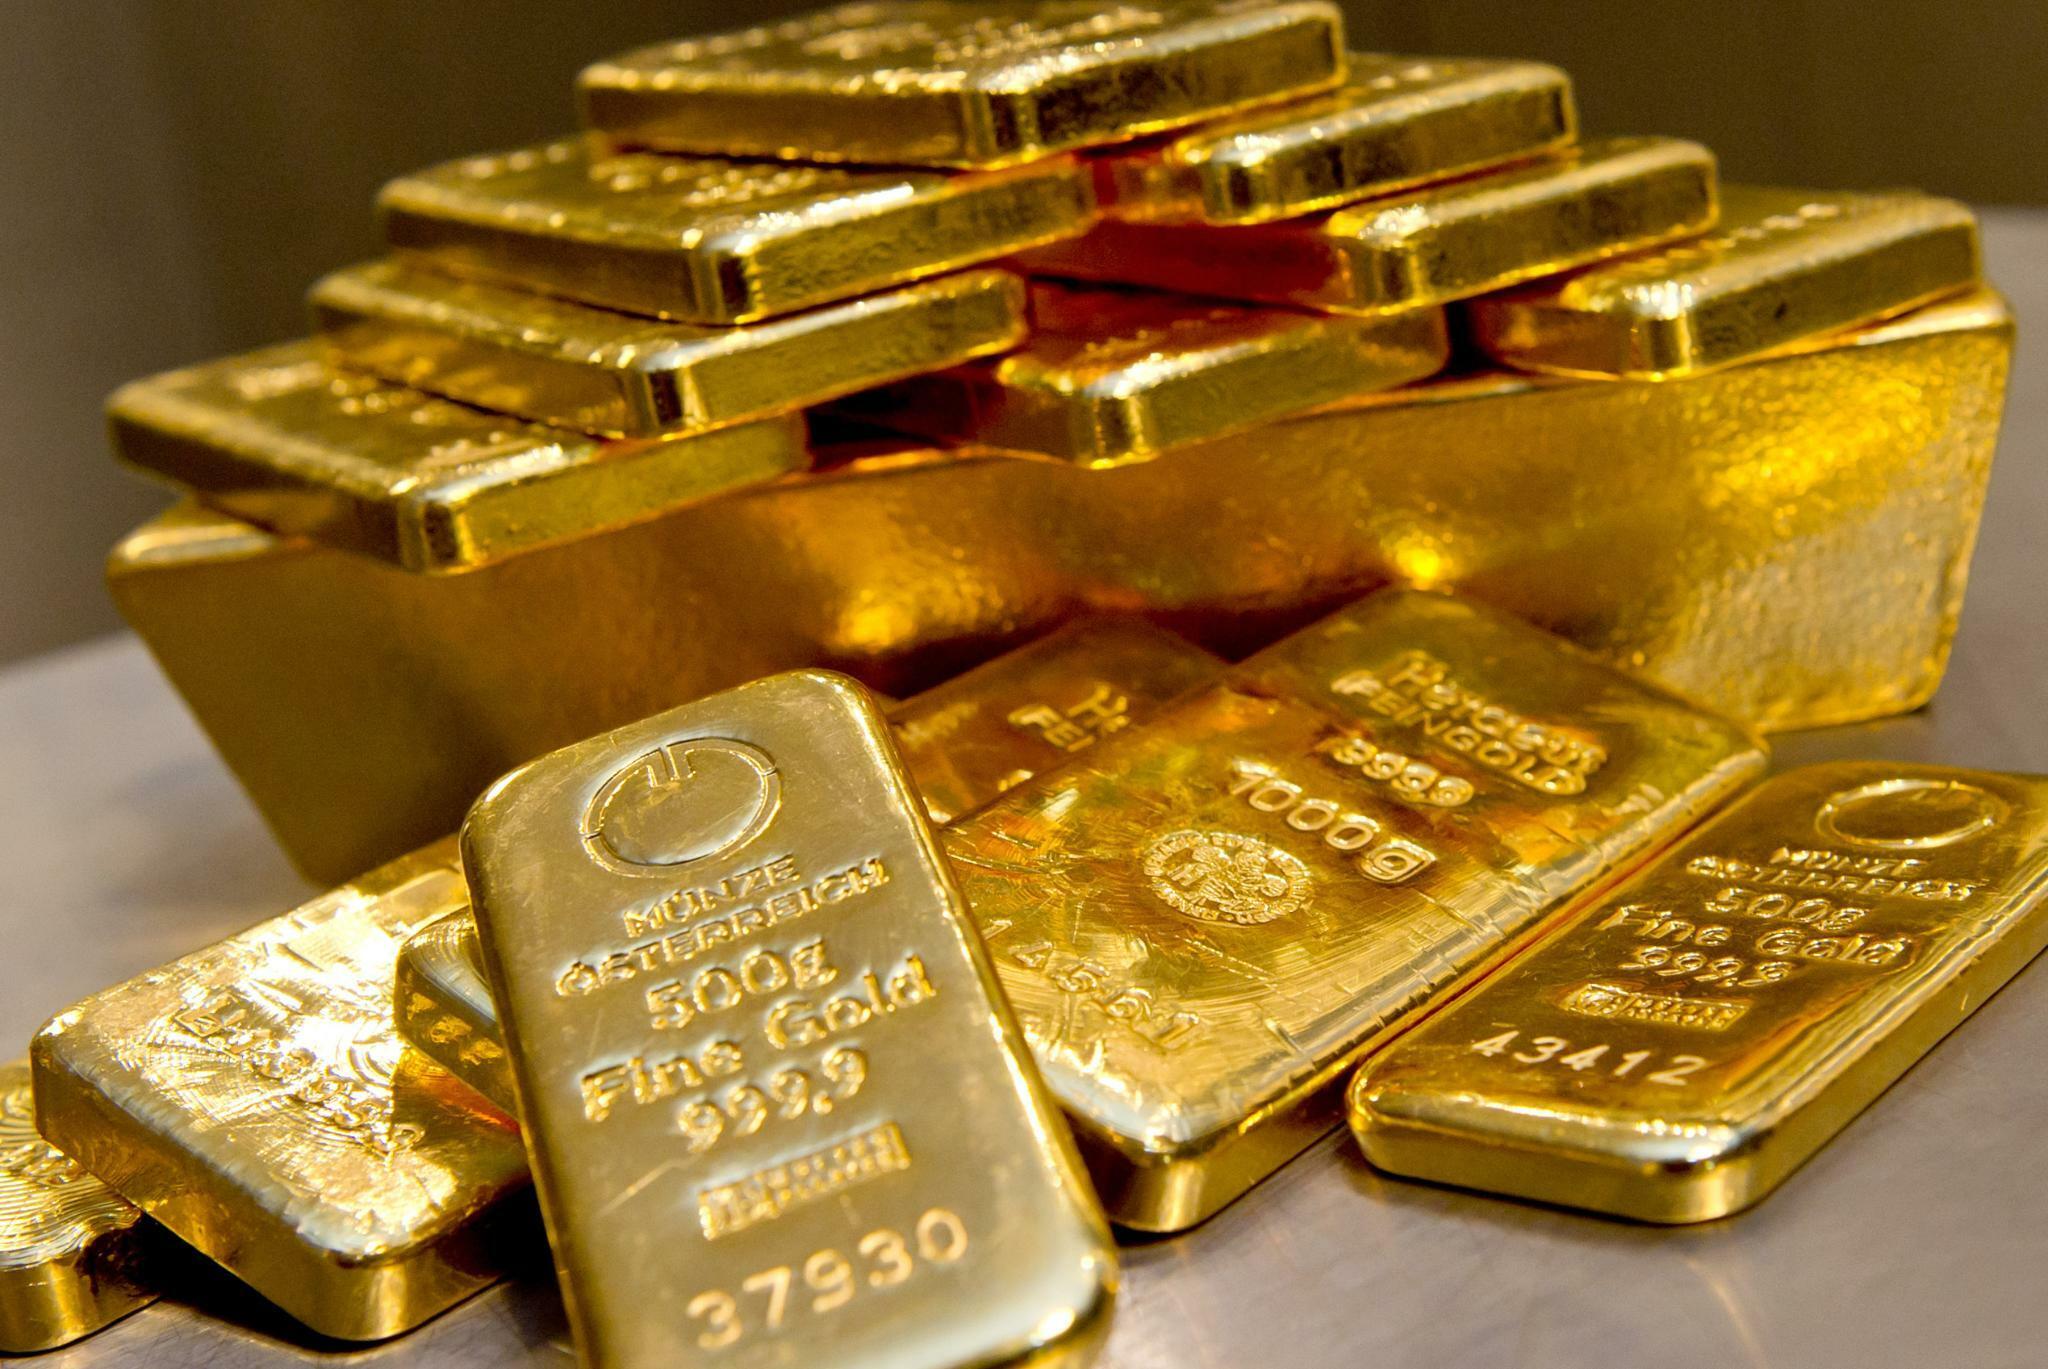 Warum Gold der erfolgreichste Rohstoff 2020 werden könnte